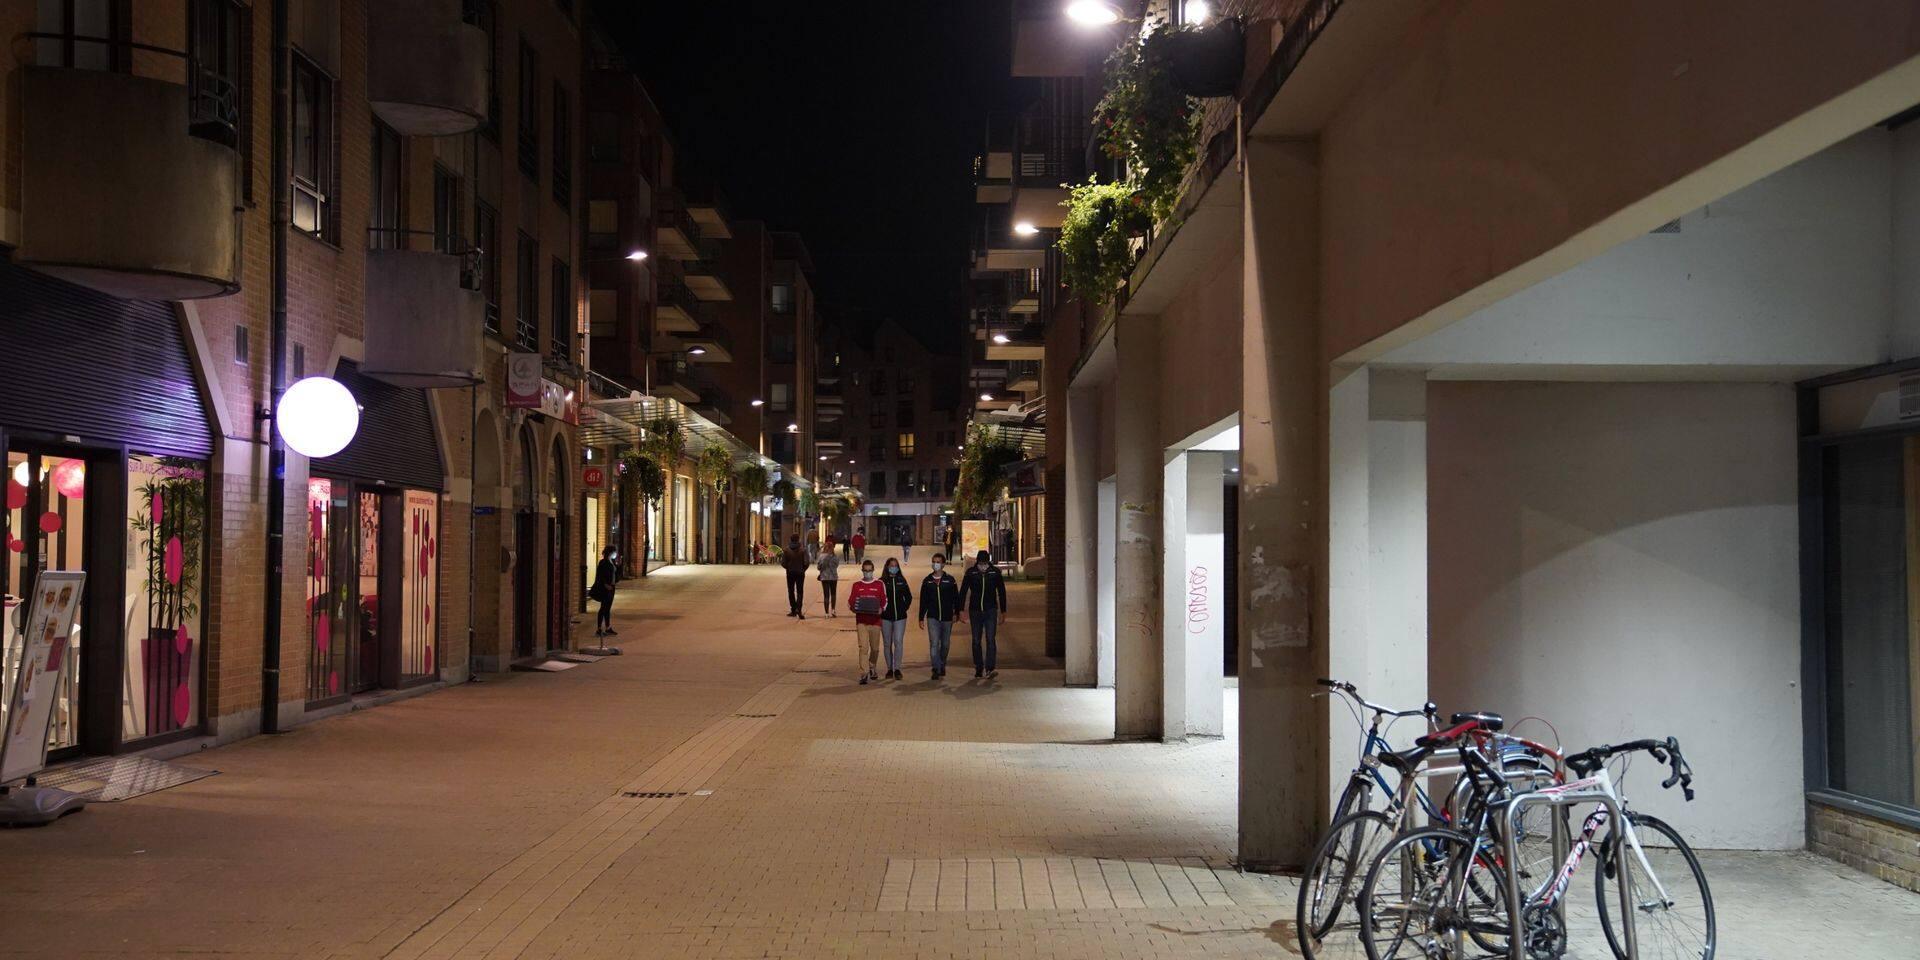 Plusieurs fêtes interrompues par la police dans des kots à Louvain-la-Neuve, dont une avec douze étudiants